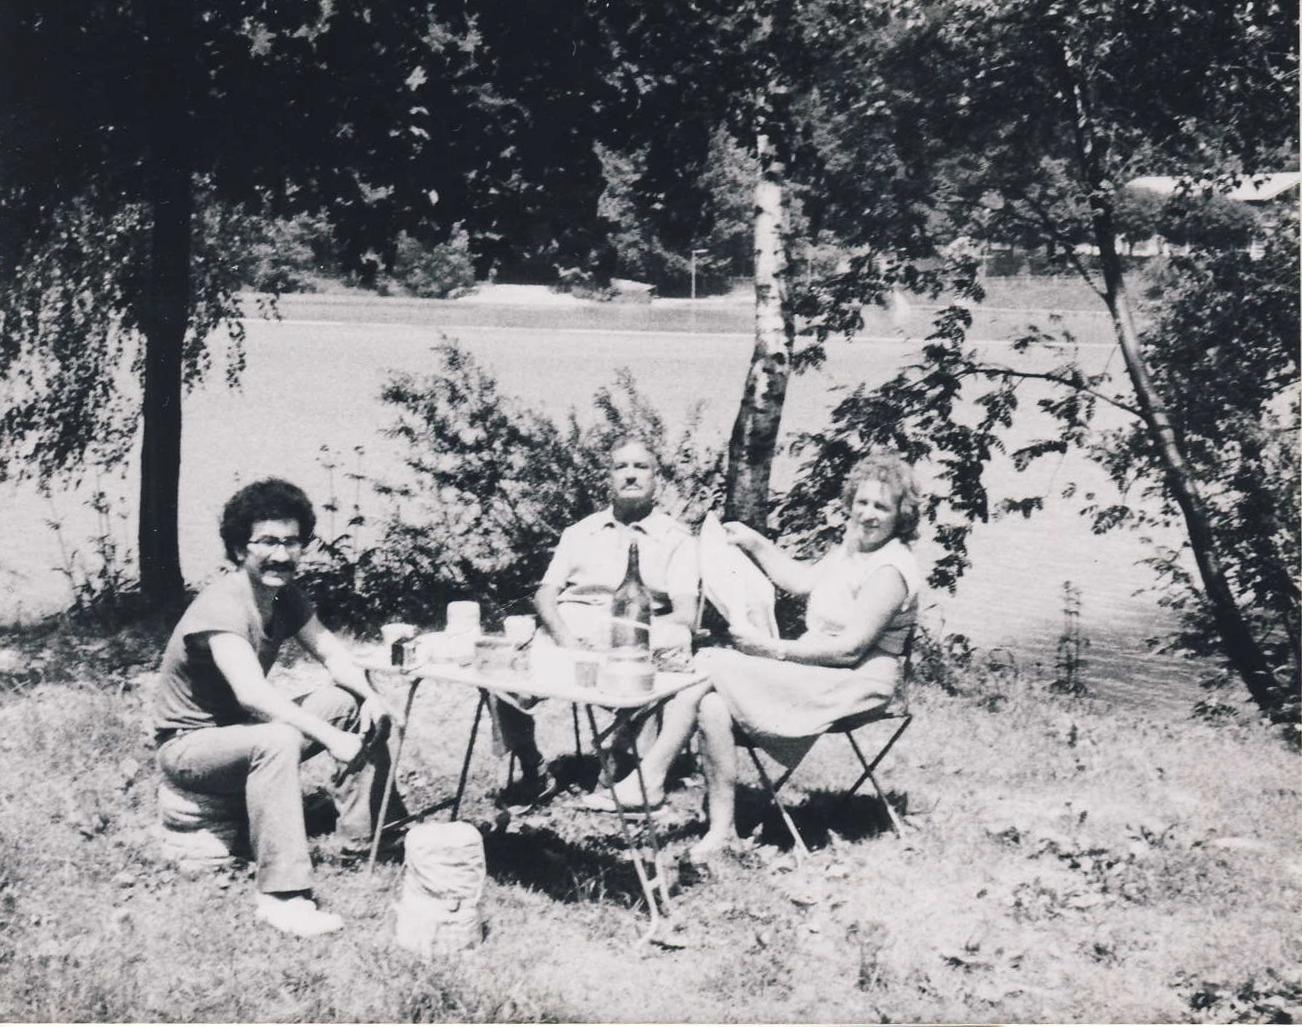 Prazdiniy ve Švýcarsku 1974